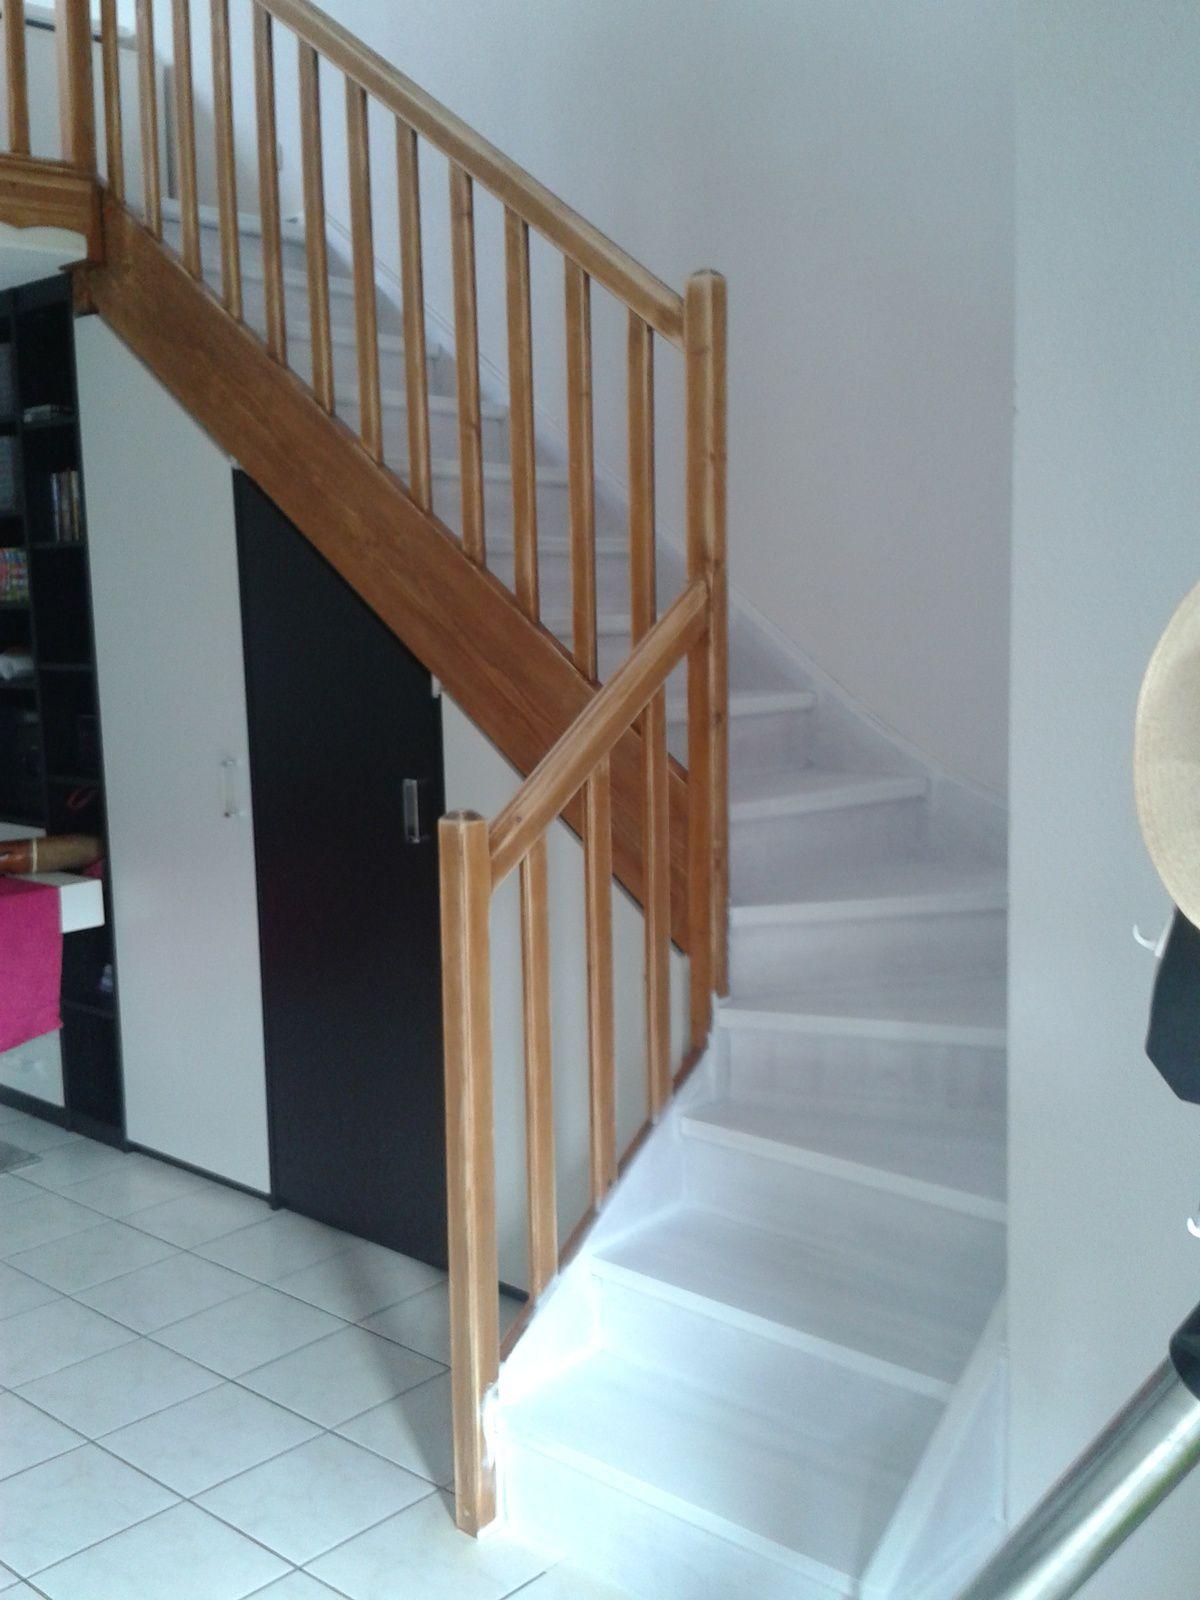 Peinture Pour Escalier Bois peindre un escalier en bois - peindre un escalier en bois